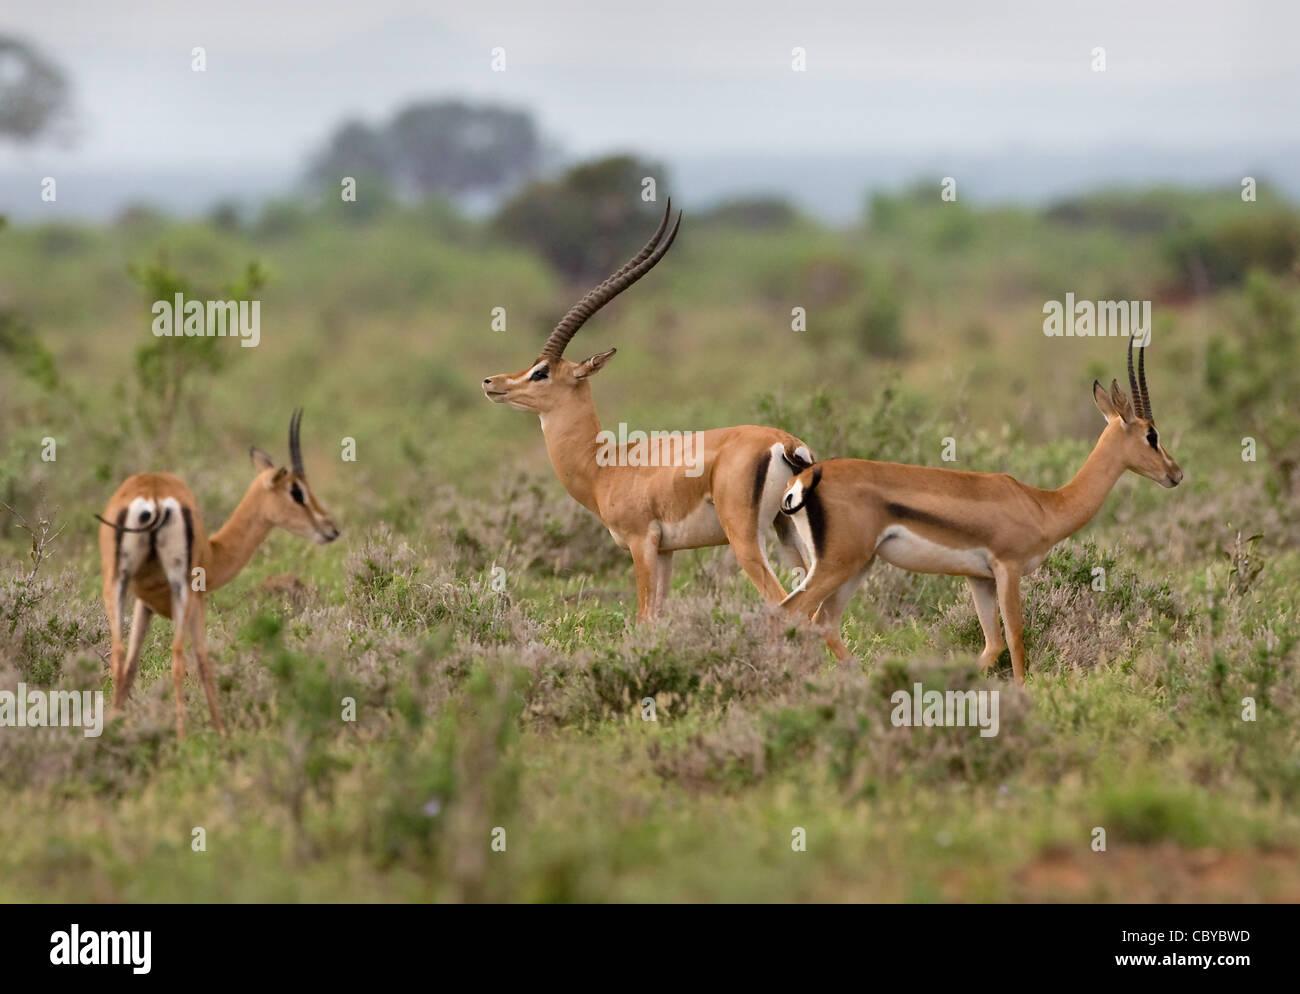 Maschio della sovvenzione gazzella Nanger granti e due femmine in Tsavo National Park in Kenya Immagini Stock